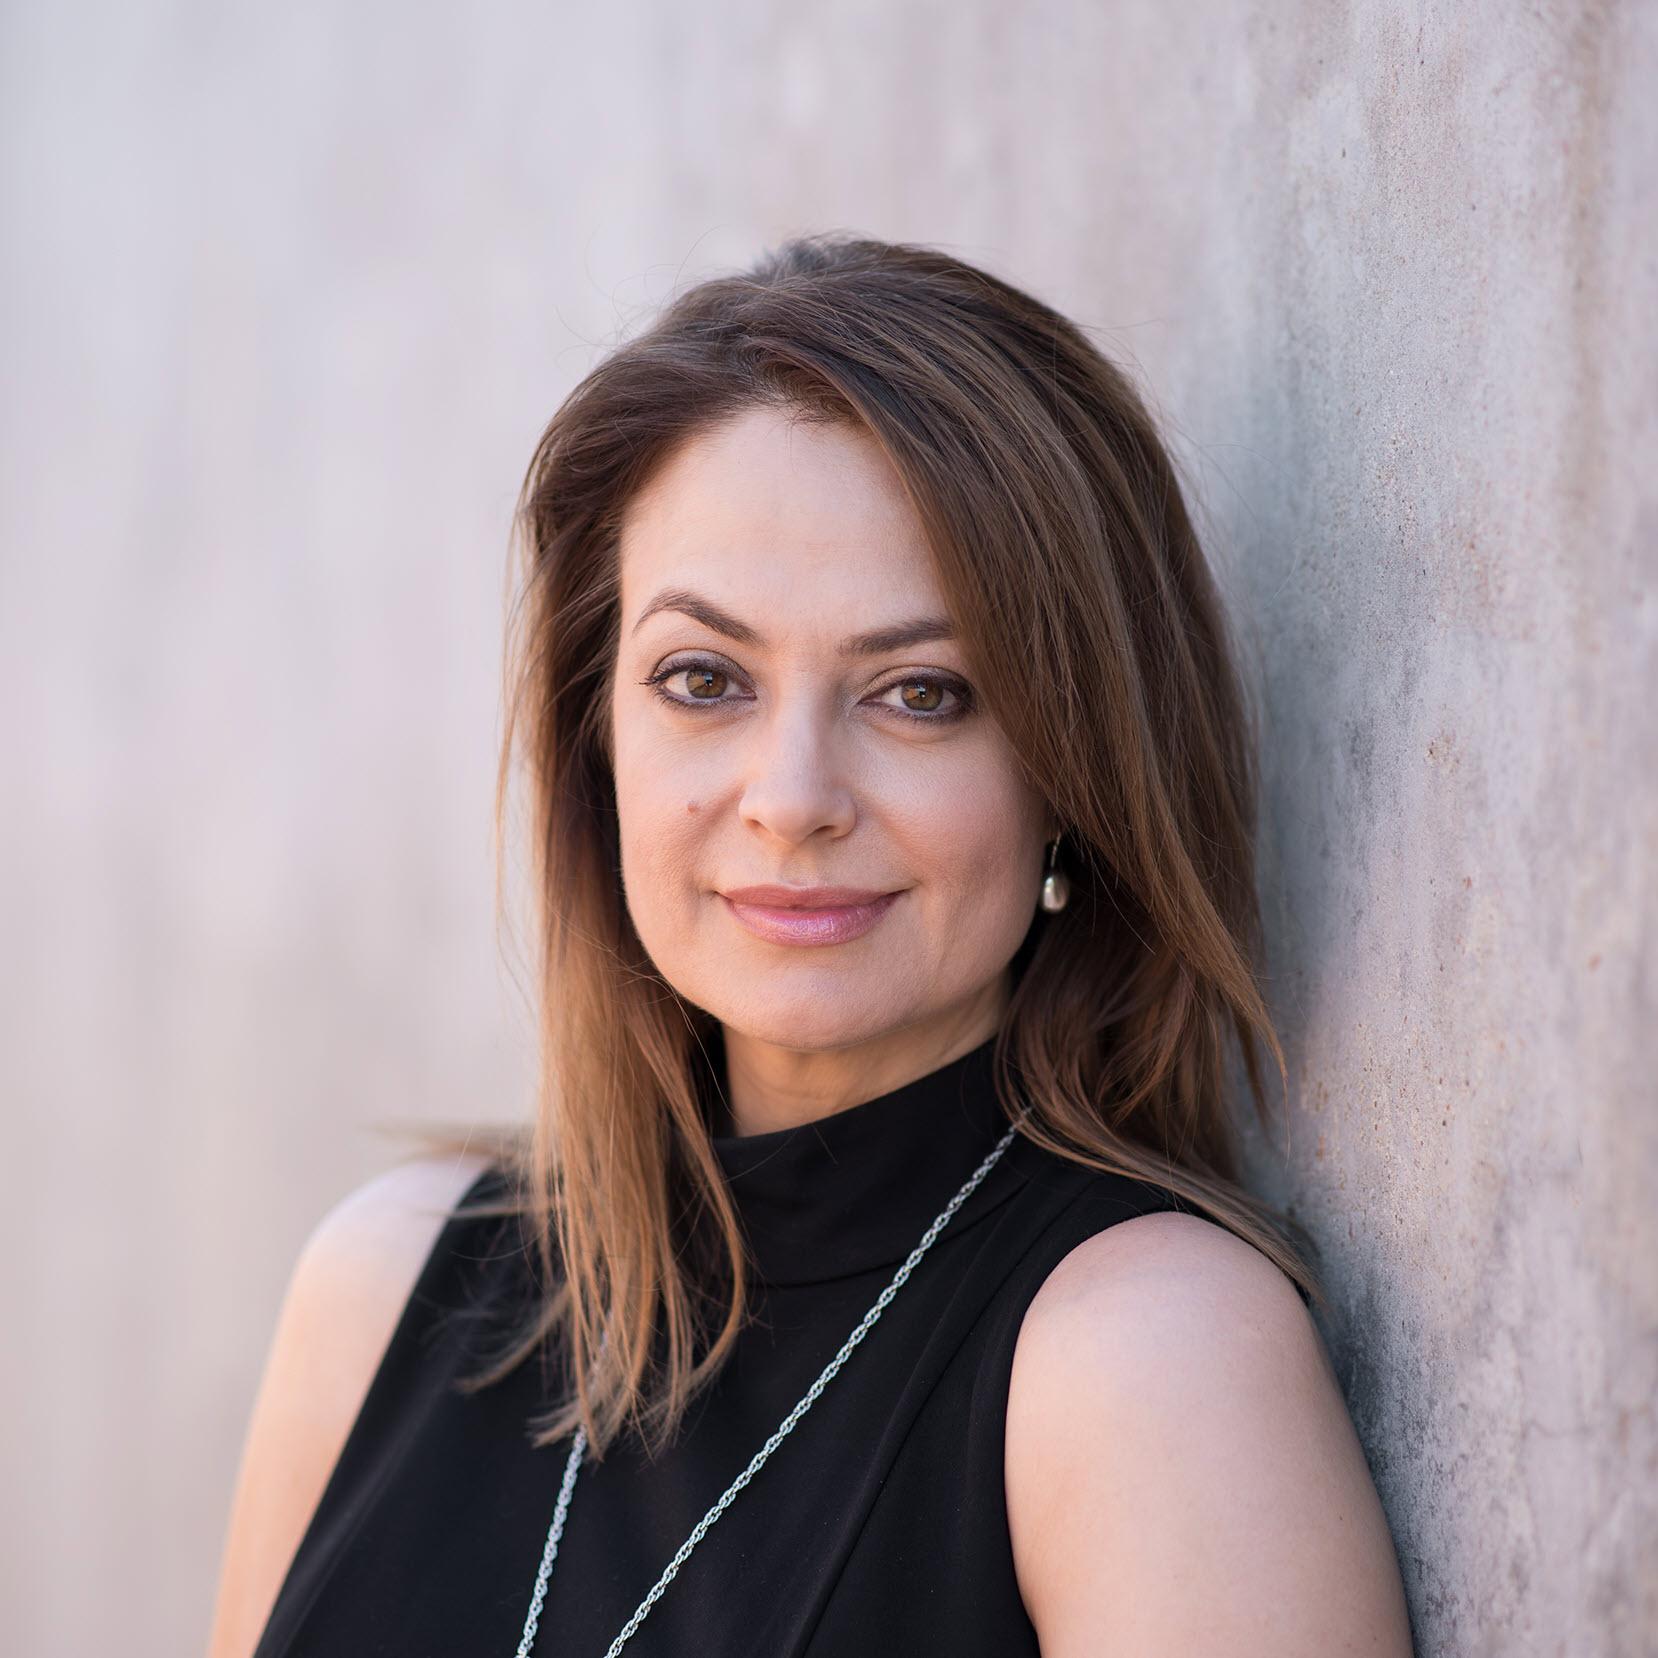 Mariana Anguelova